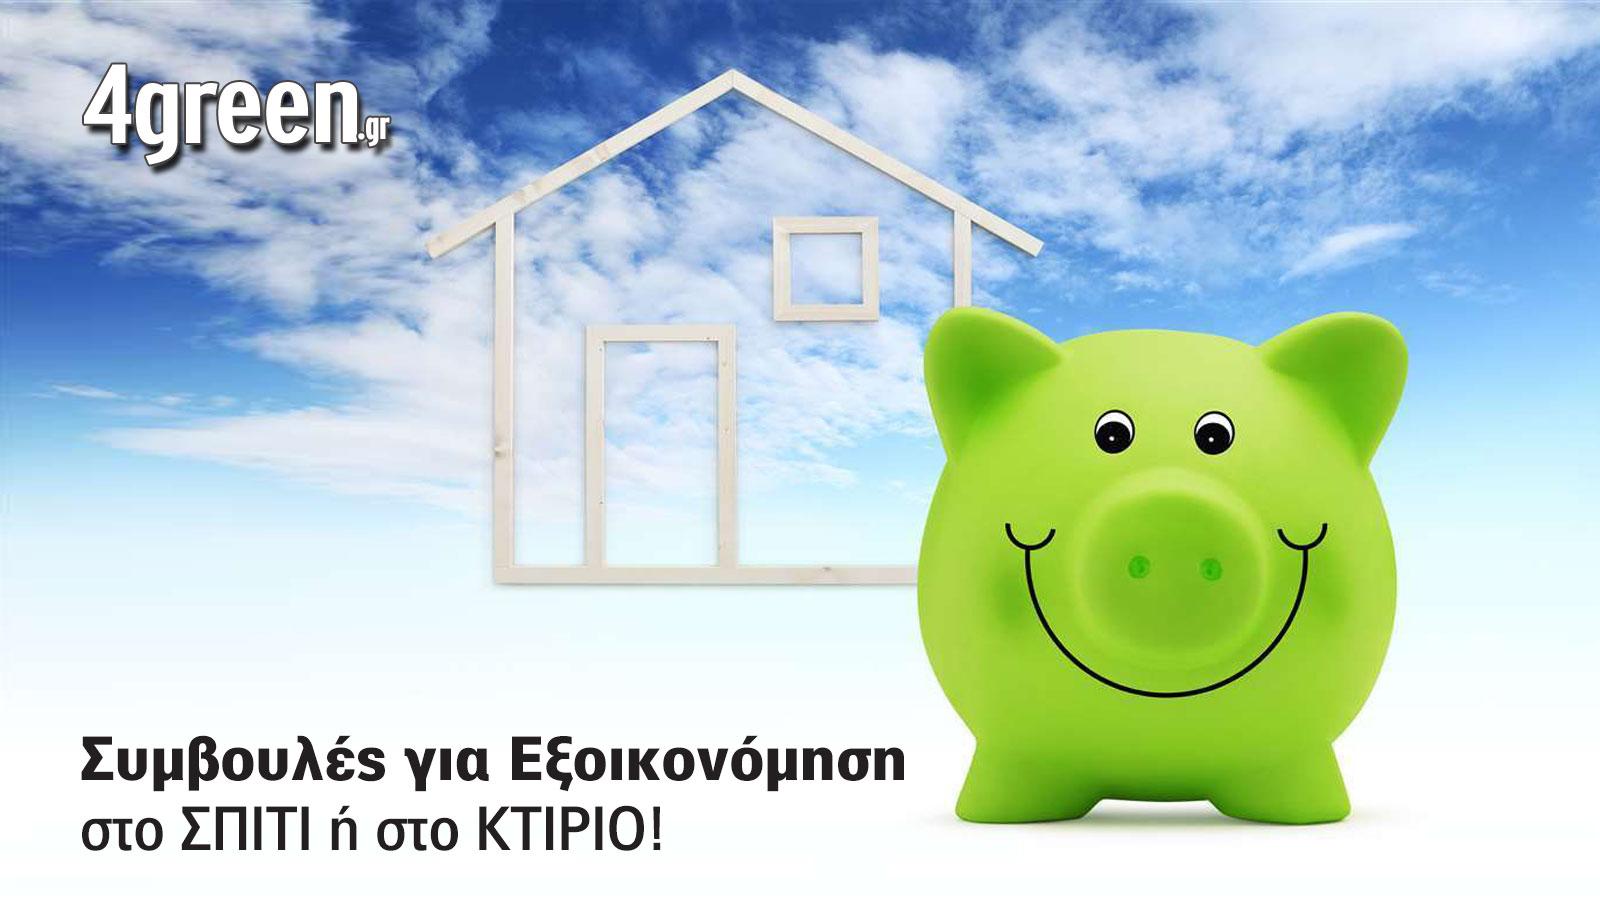 Εξοικονόμηση ενέργειας στο Σπίτι & το Κτίριο. Γλιτώνει πολλά χρήματα. Κάθε μέρα, όλο τον χρόνο. Είναι θέμα απόφασης και σωστών επιλογών.